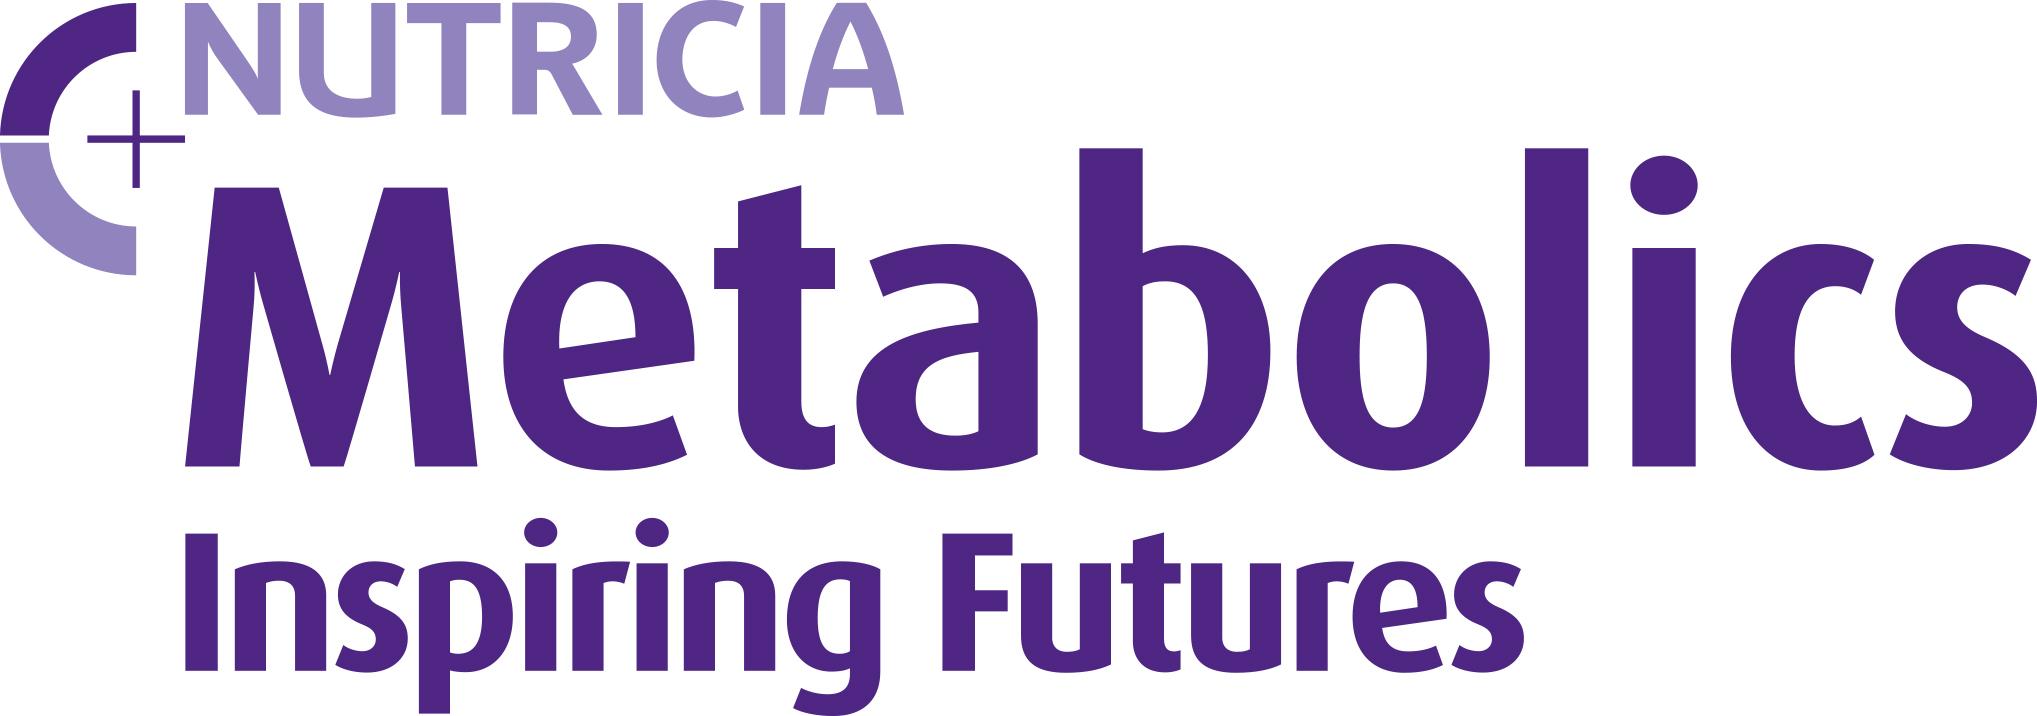 Nutricia_Metabolics_Logo 2